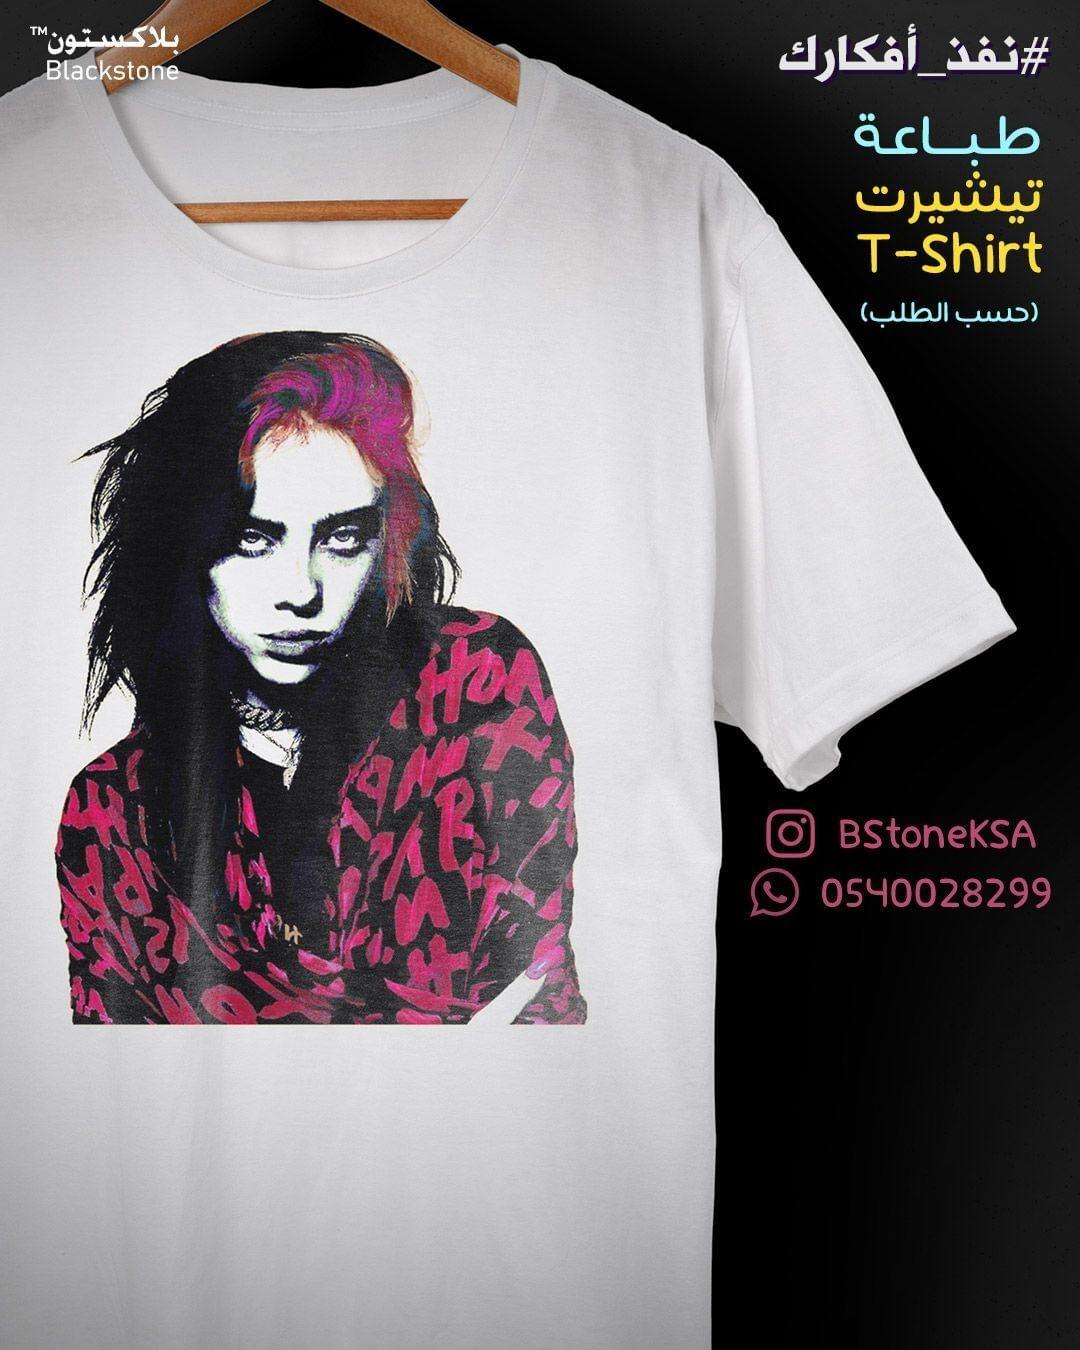 طباعة تيشرتات الرياض تيشيرت تيشرت بيلي ايليش Custom T Shirt Printing Hoodie Print Tshirt Print